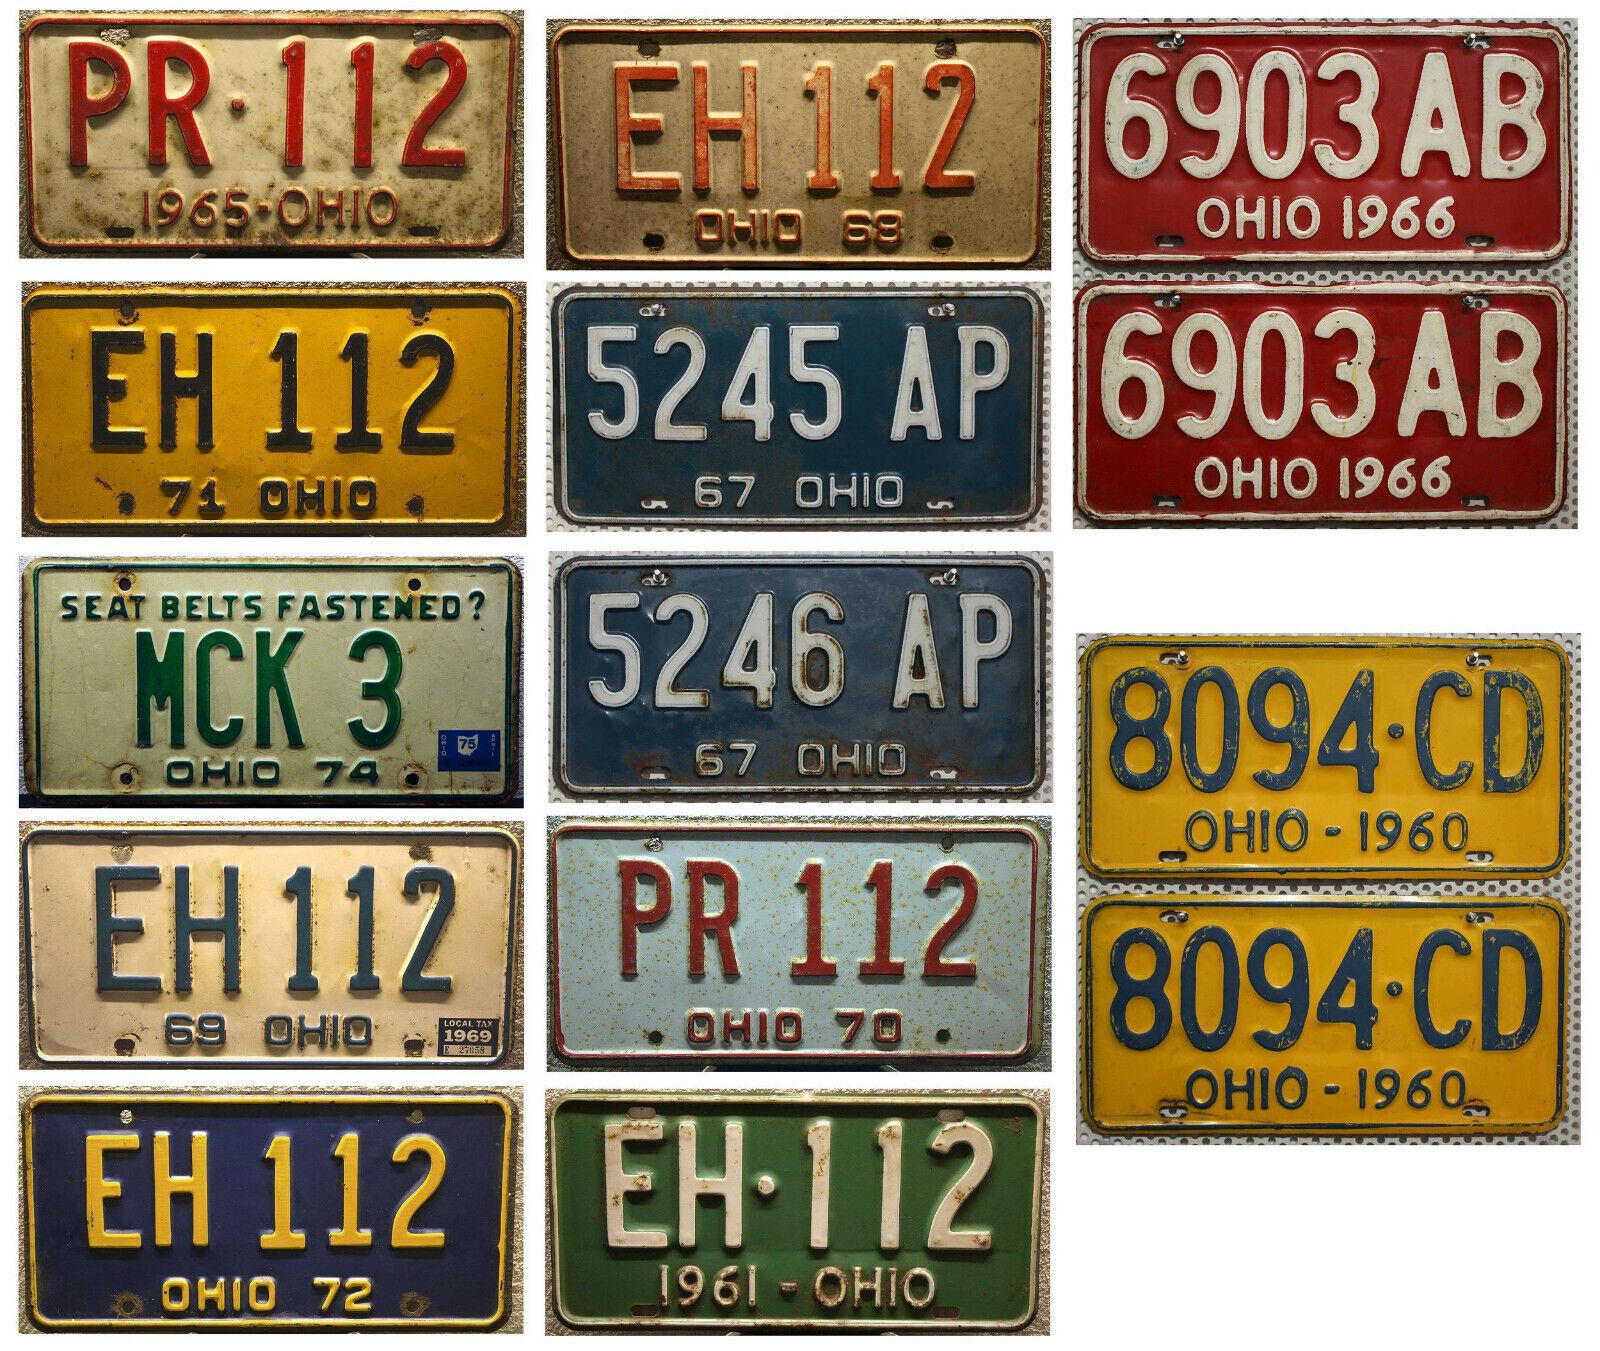 OHIO Nummernschild Altes amerikanisches Oldtimer-Kennzeichen Metallschild ROSTIG